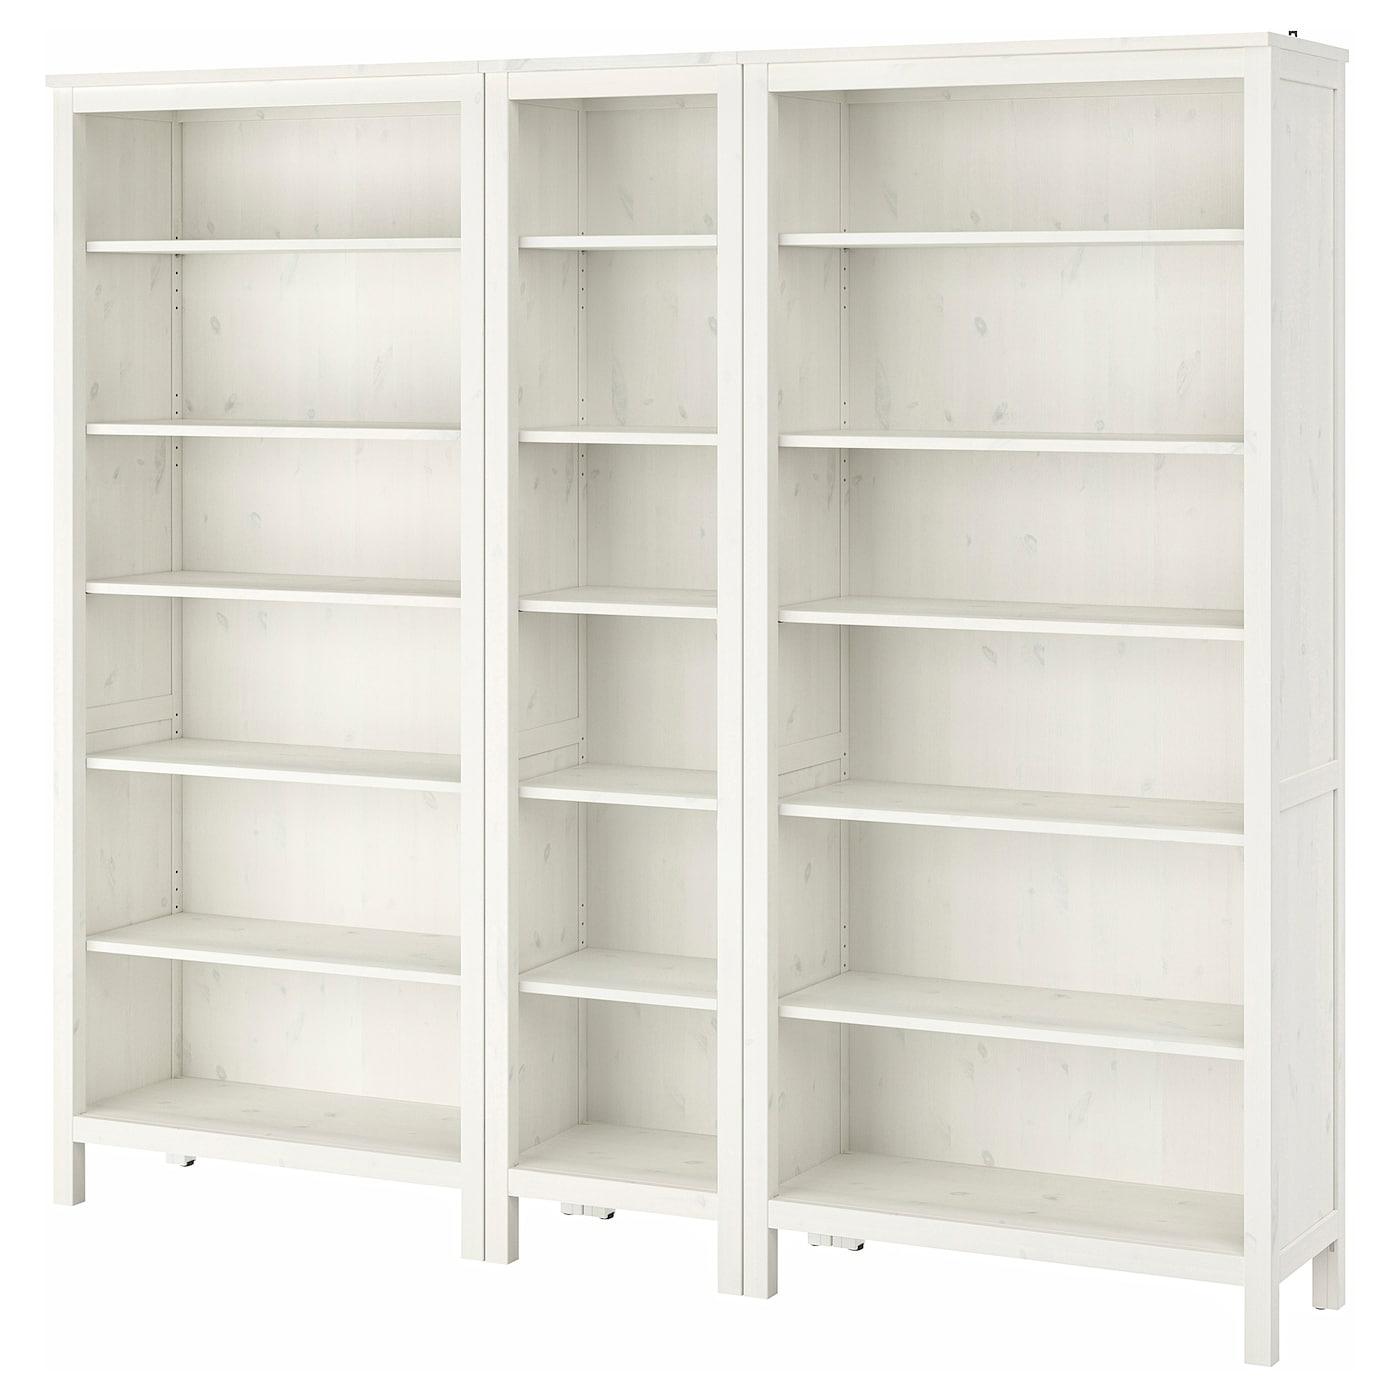 IKEA HEMNES biały, sosnowy regał, 229x197 cm